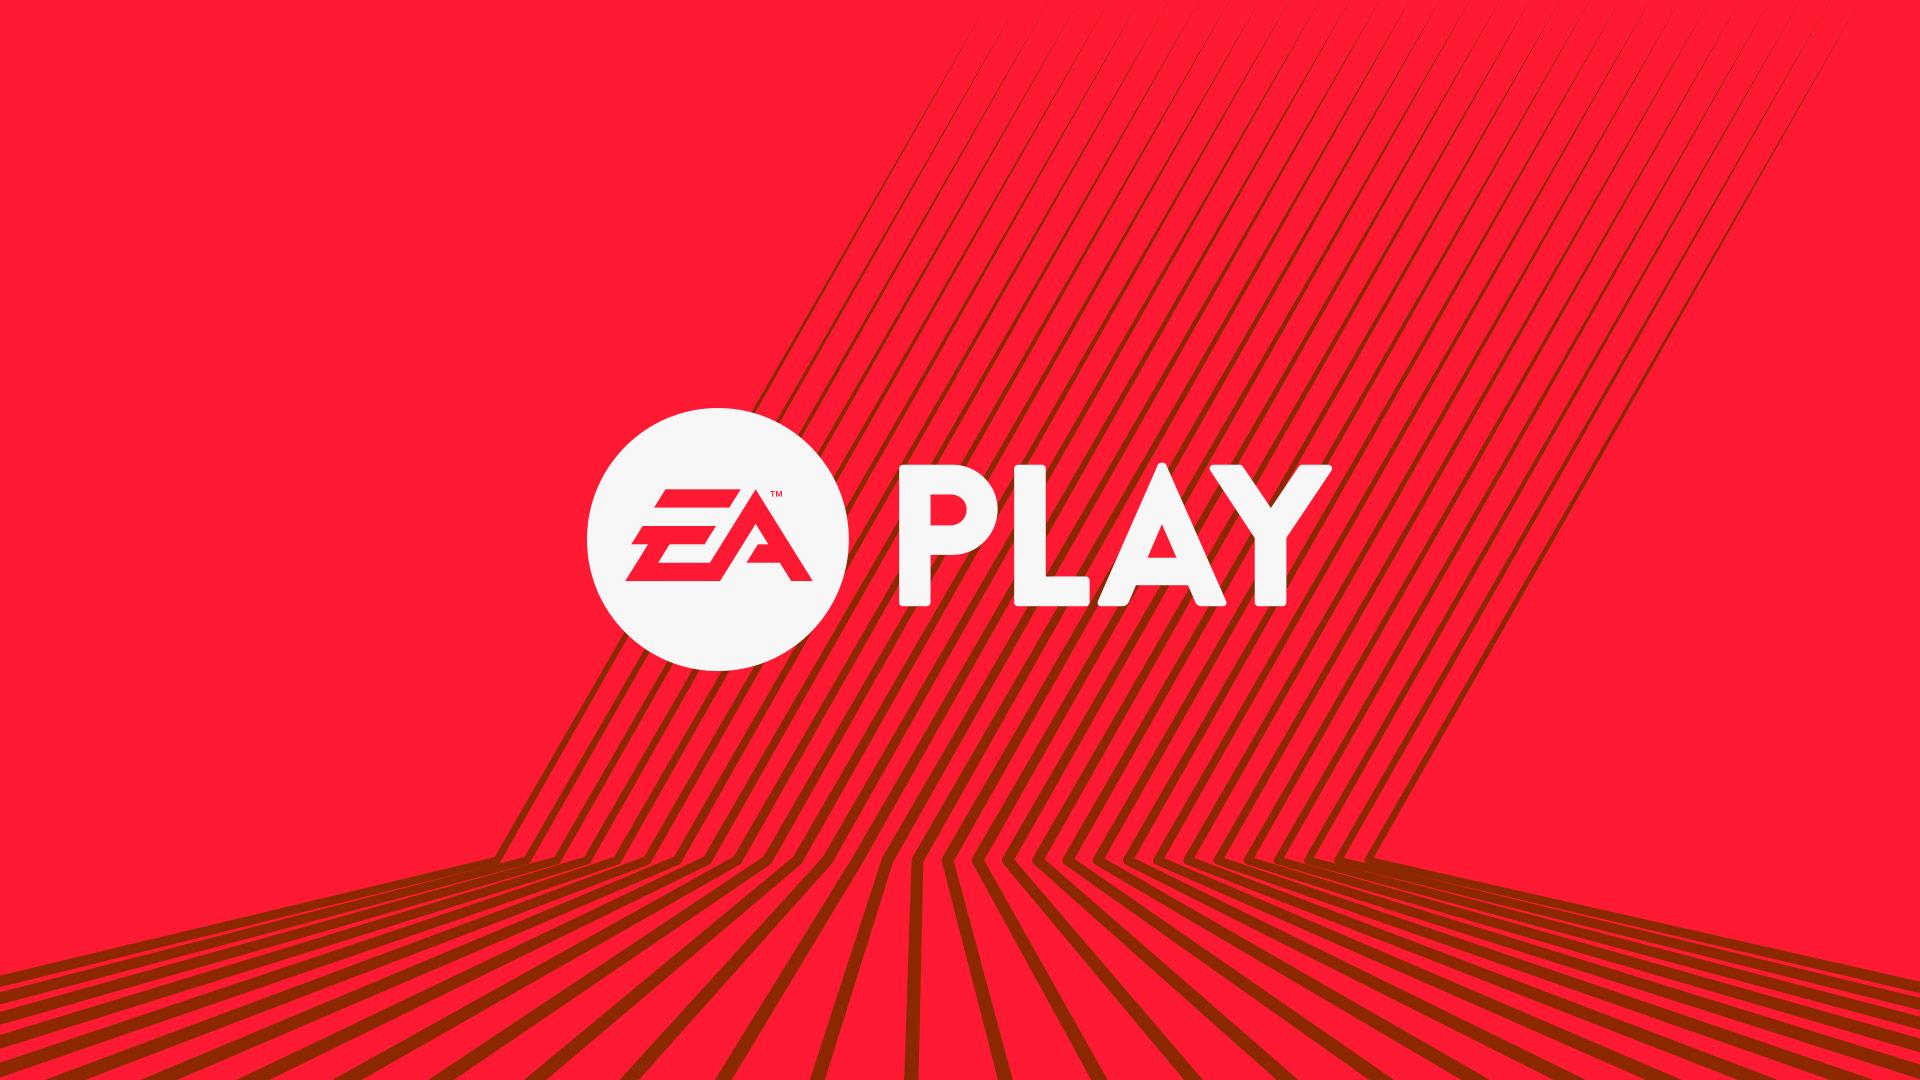 EA Play tüm oyunlar